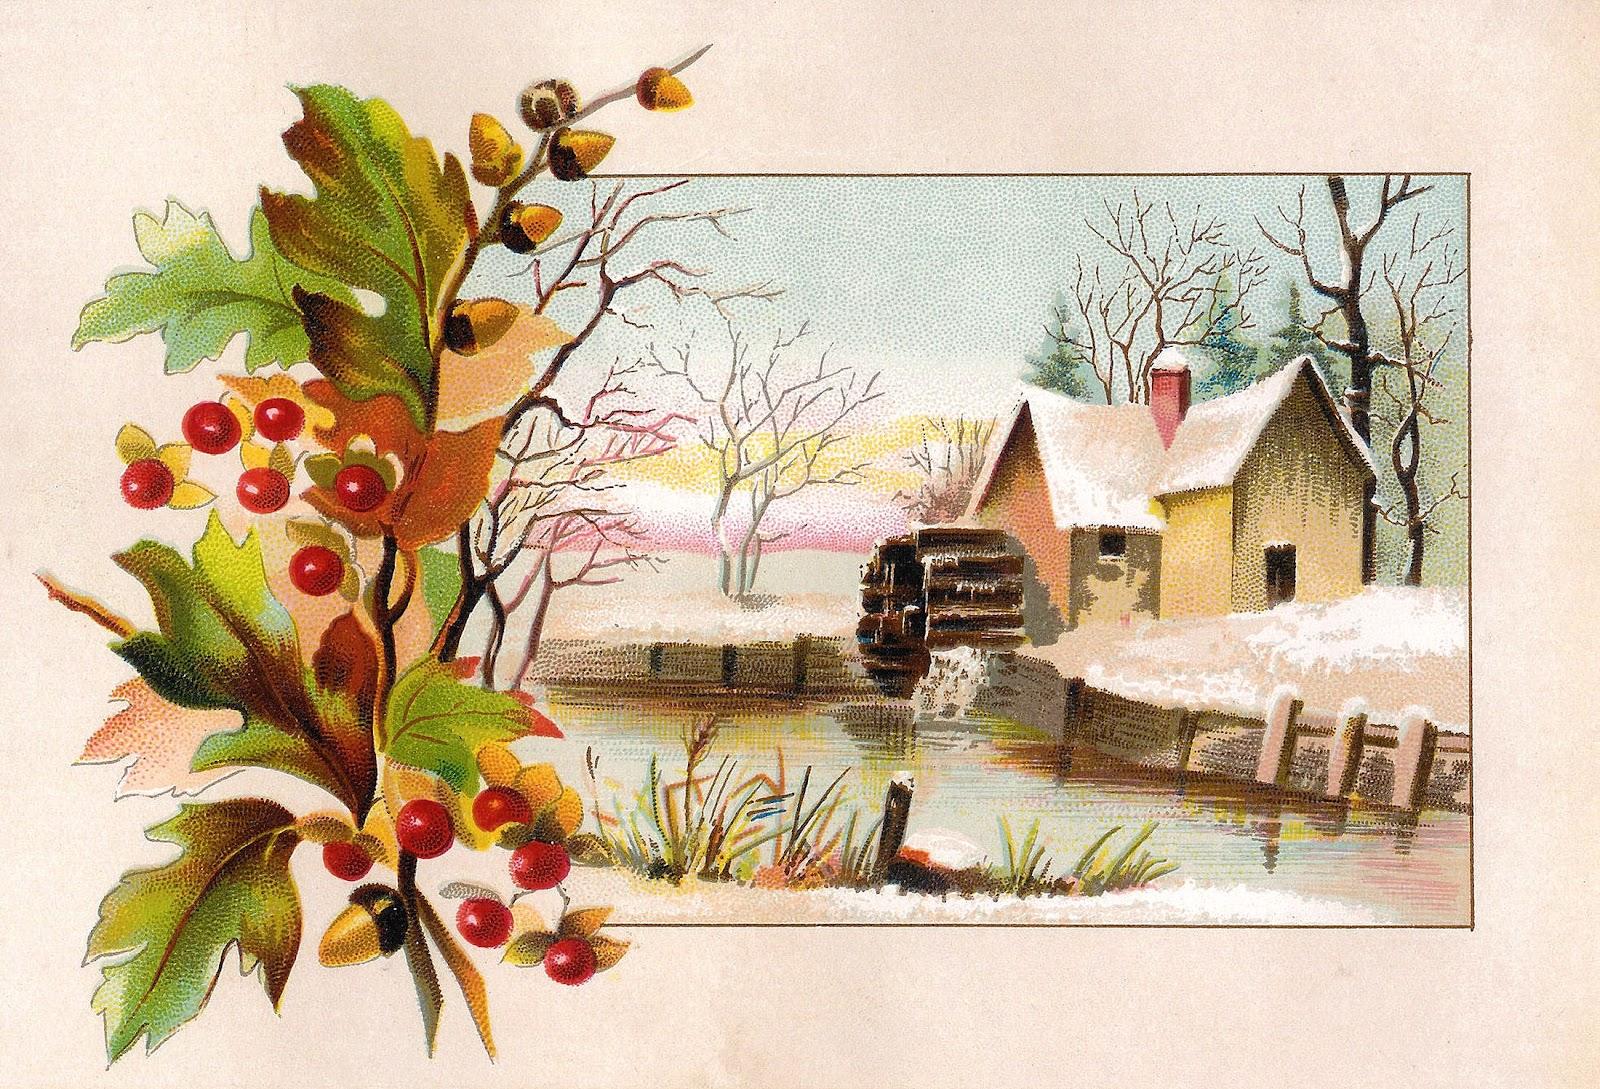 Winter clipart victorian. Antique image vintage scrap